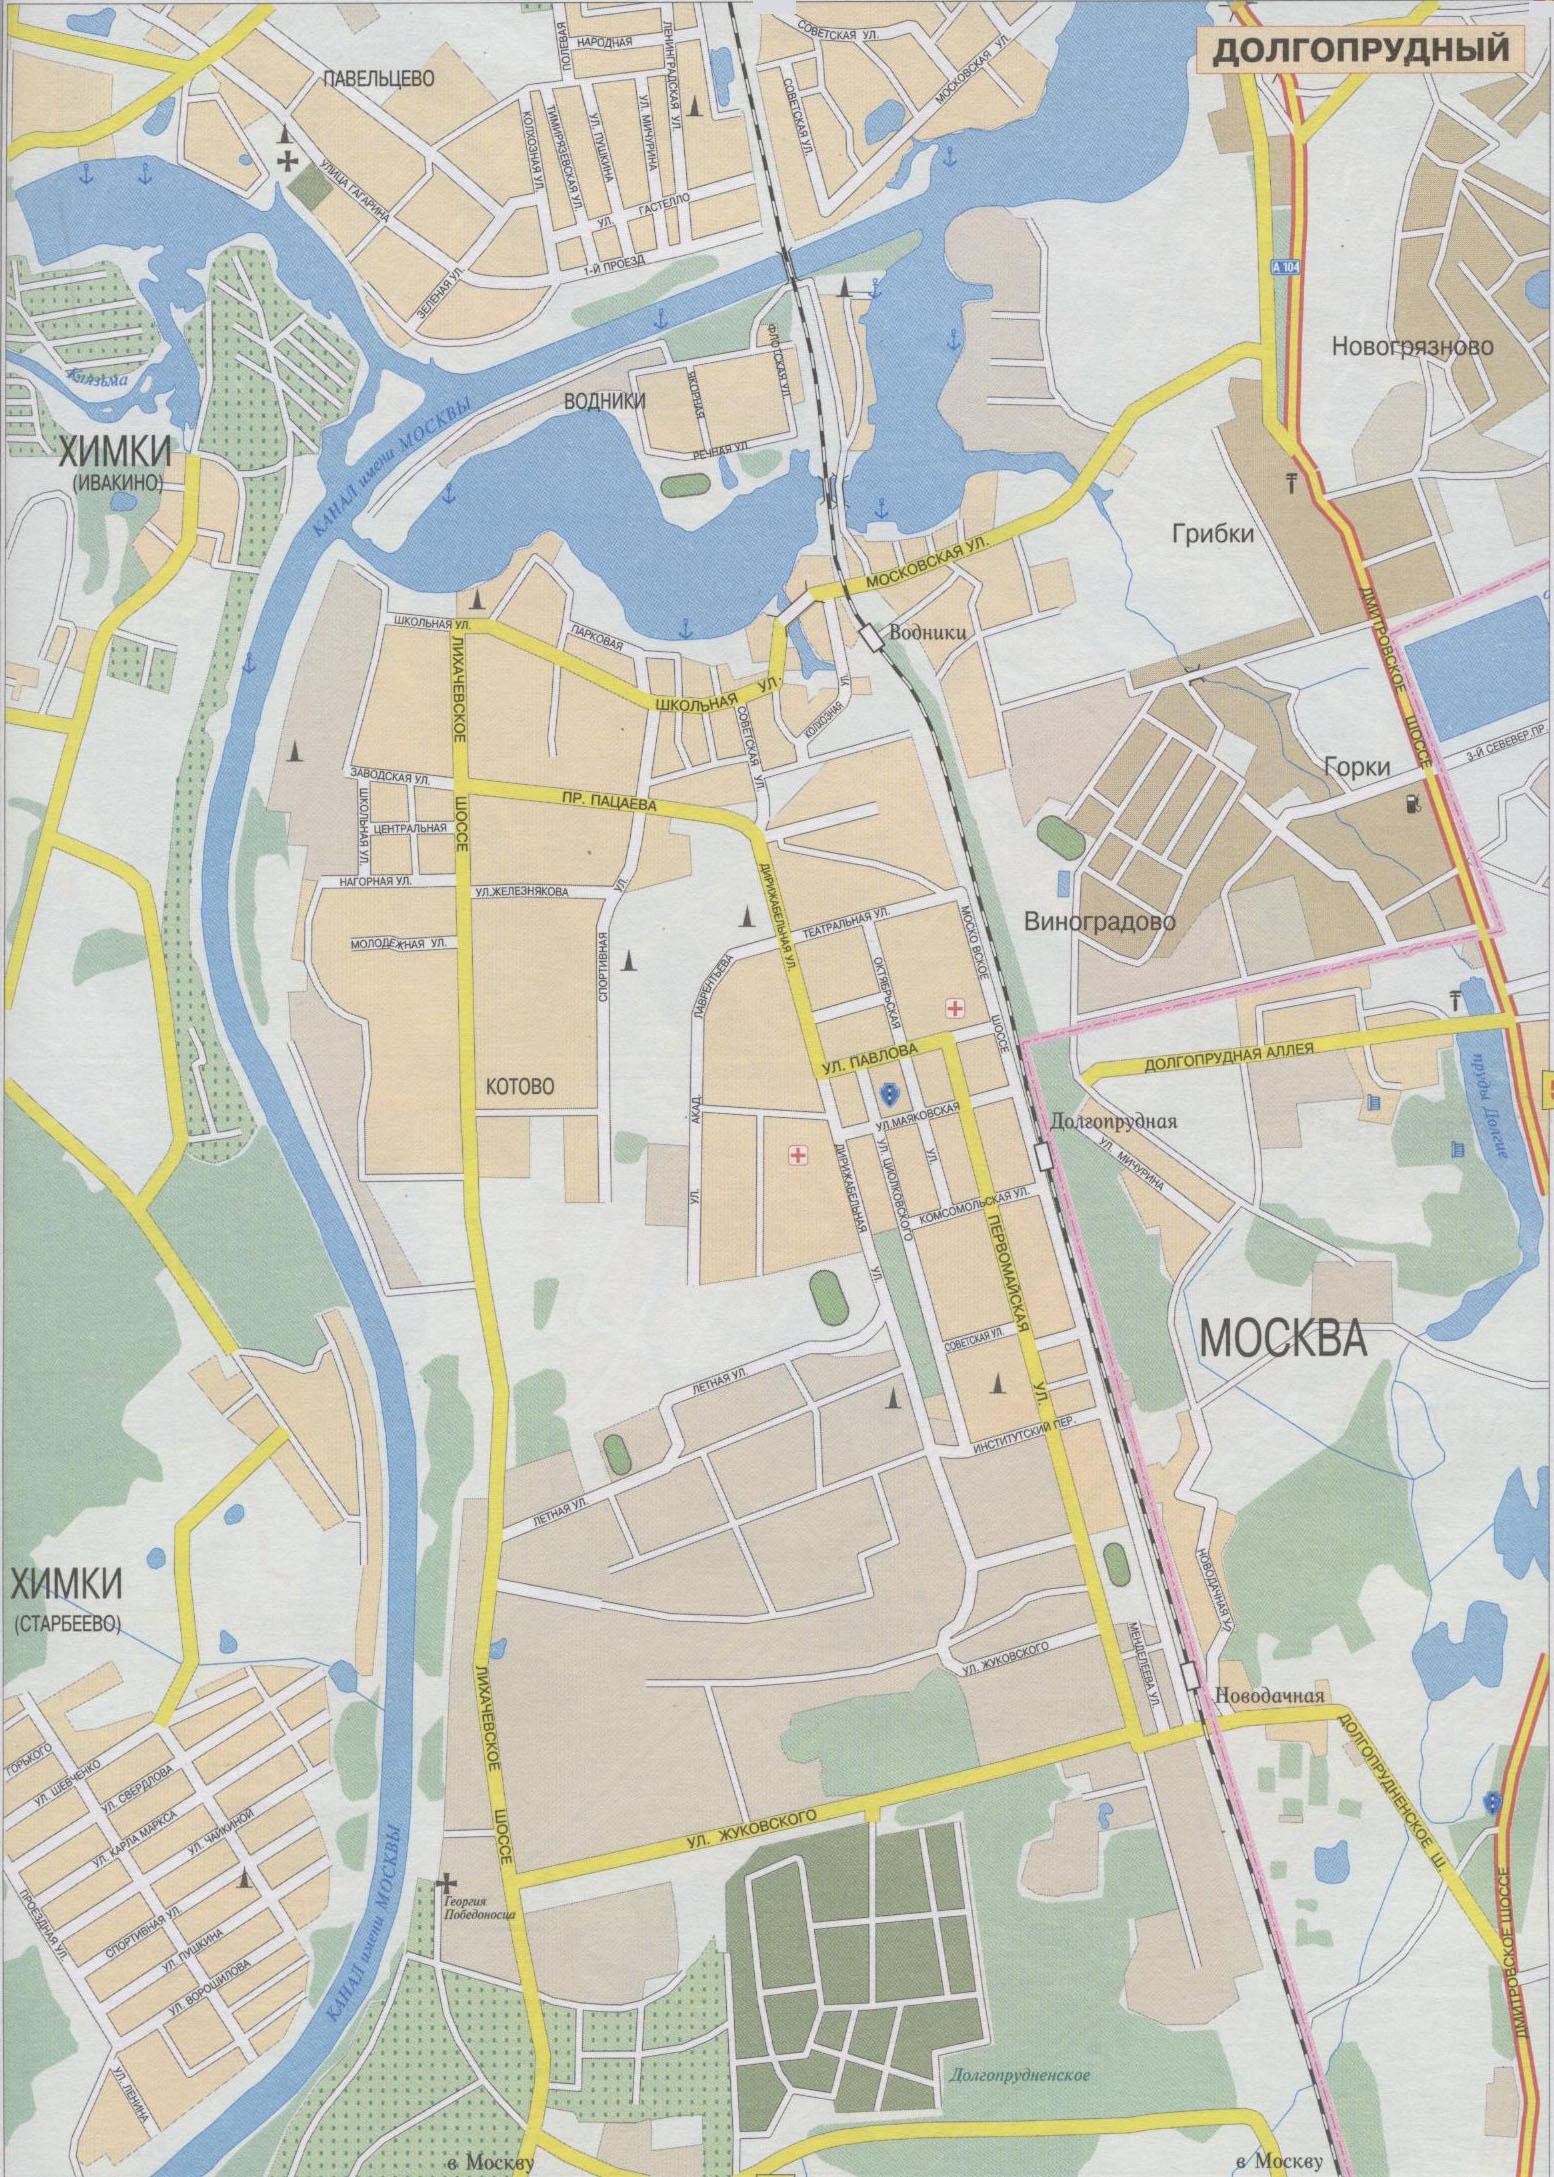 Поиск всего: Г Долгопрудный Карта: http://vsegopoisk.blogspot.com/2013/12/blog-post_17.html